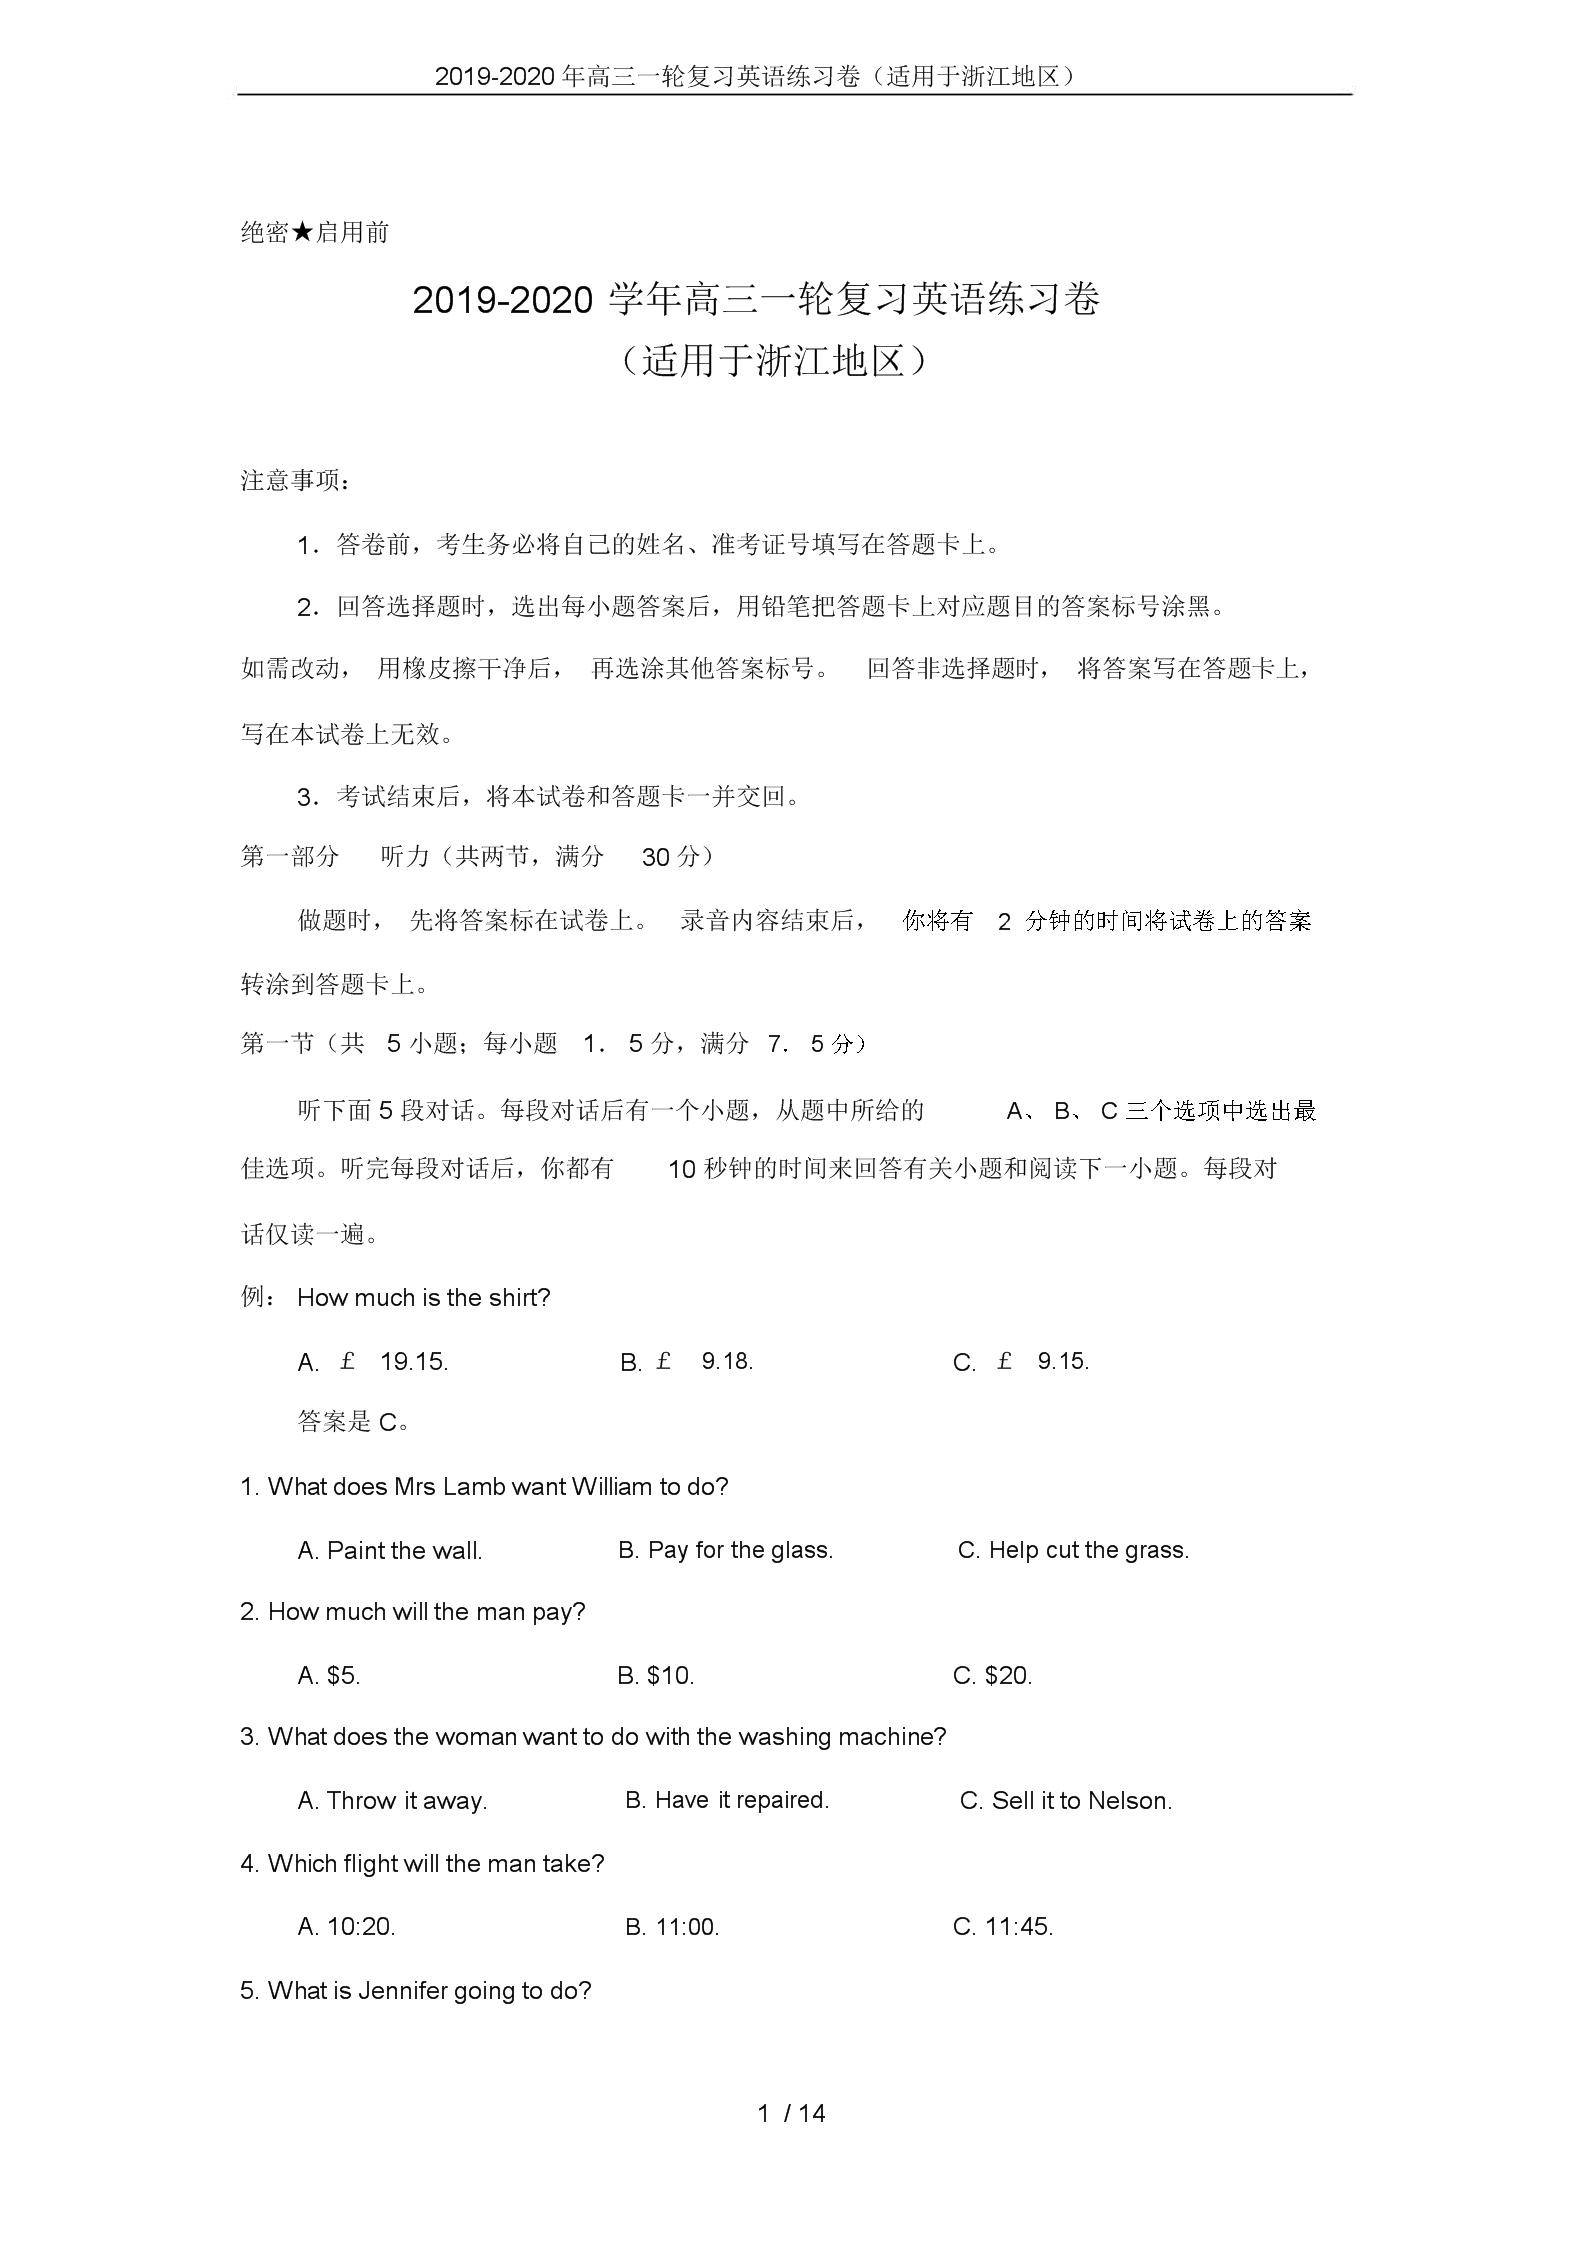 (完整word版)2019-2020年高三一轮复习英语练习卷(适用于浙江地区).docx